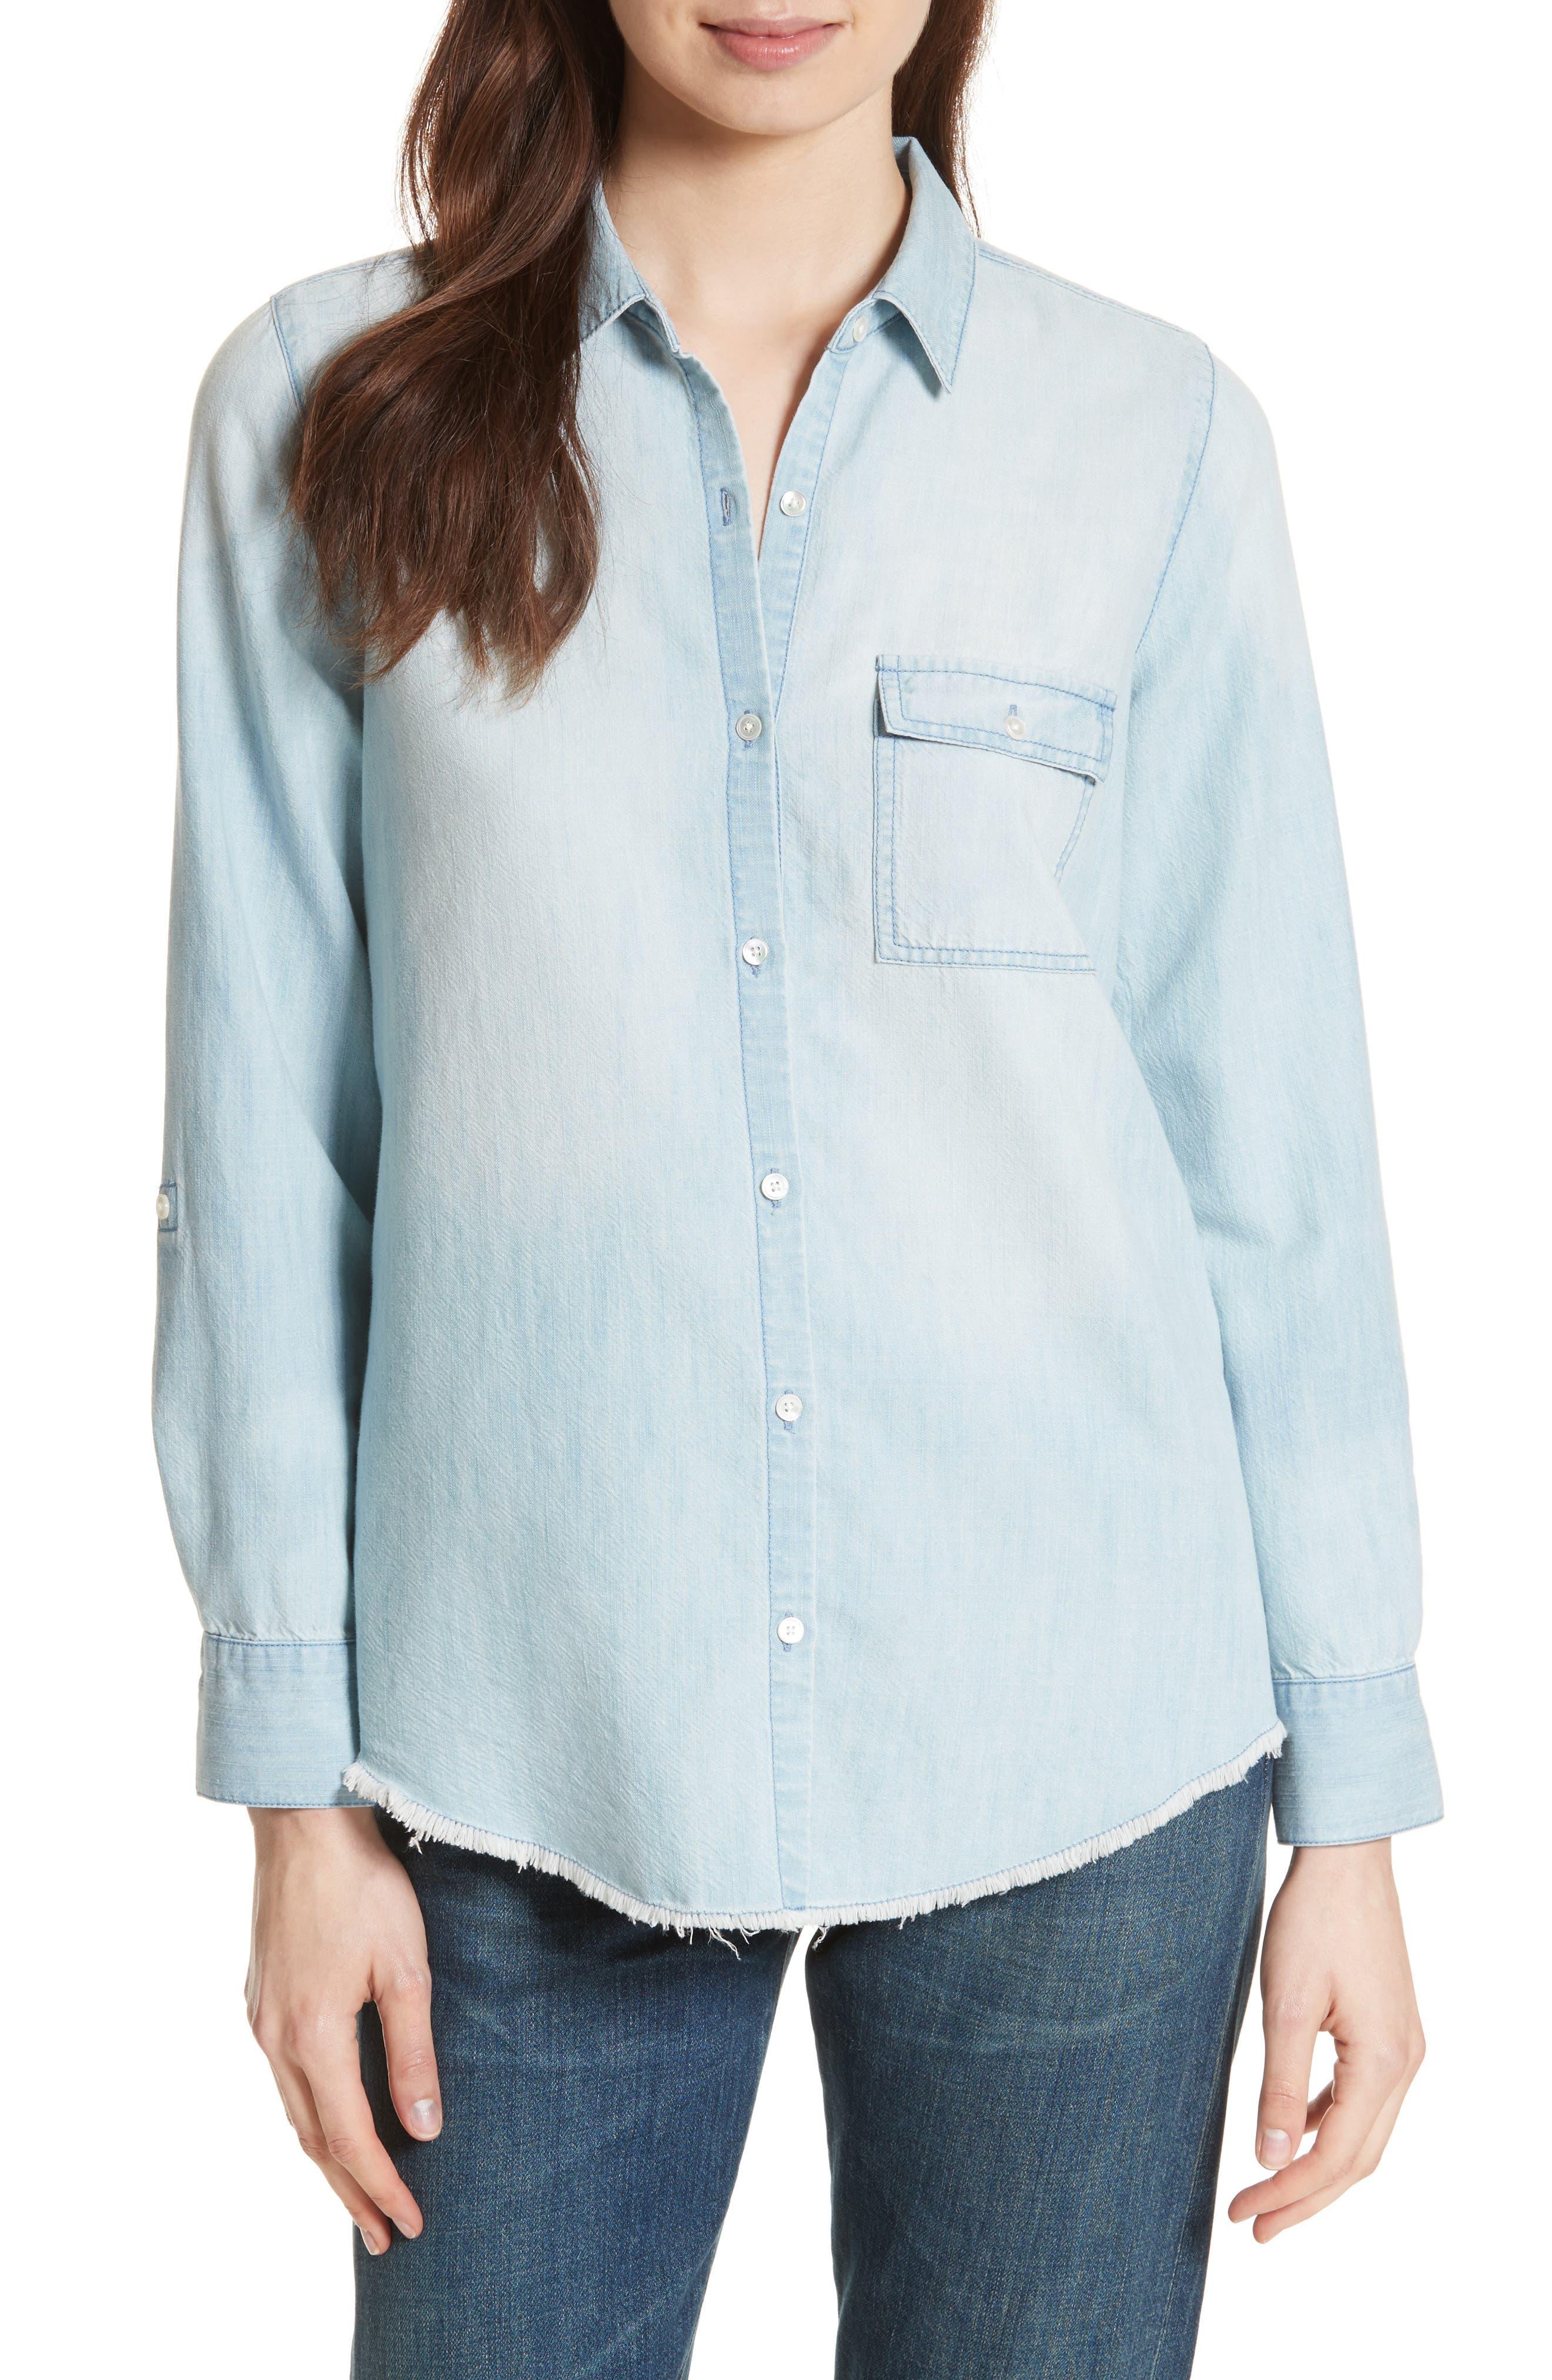 Onyx B Chambray Shirt,                         Main,                         color, 481